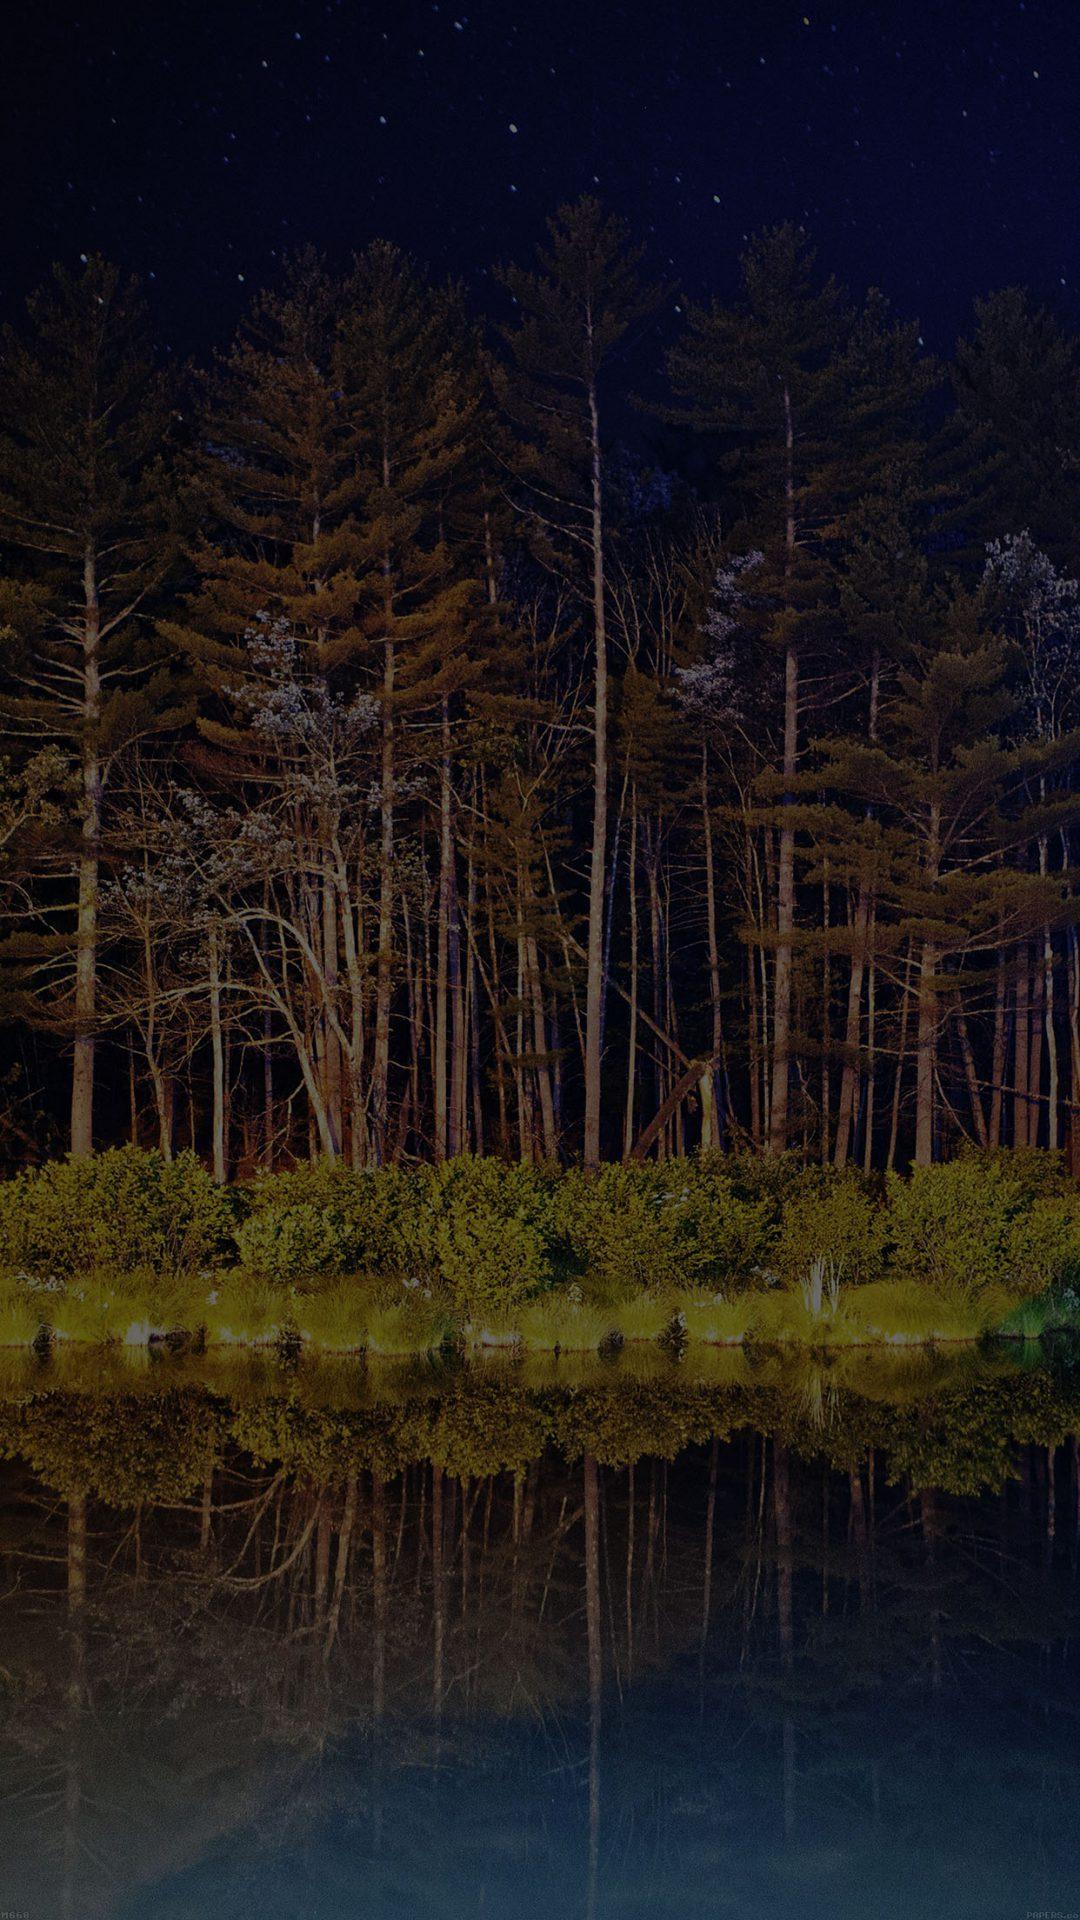 Night Dark Wood With Lake Nature